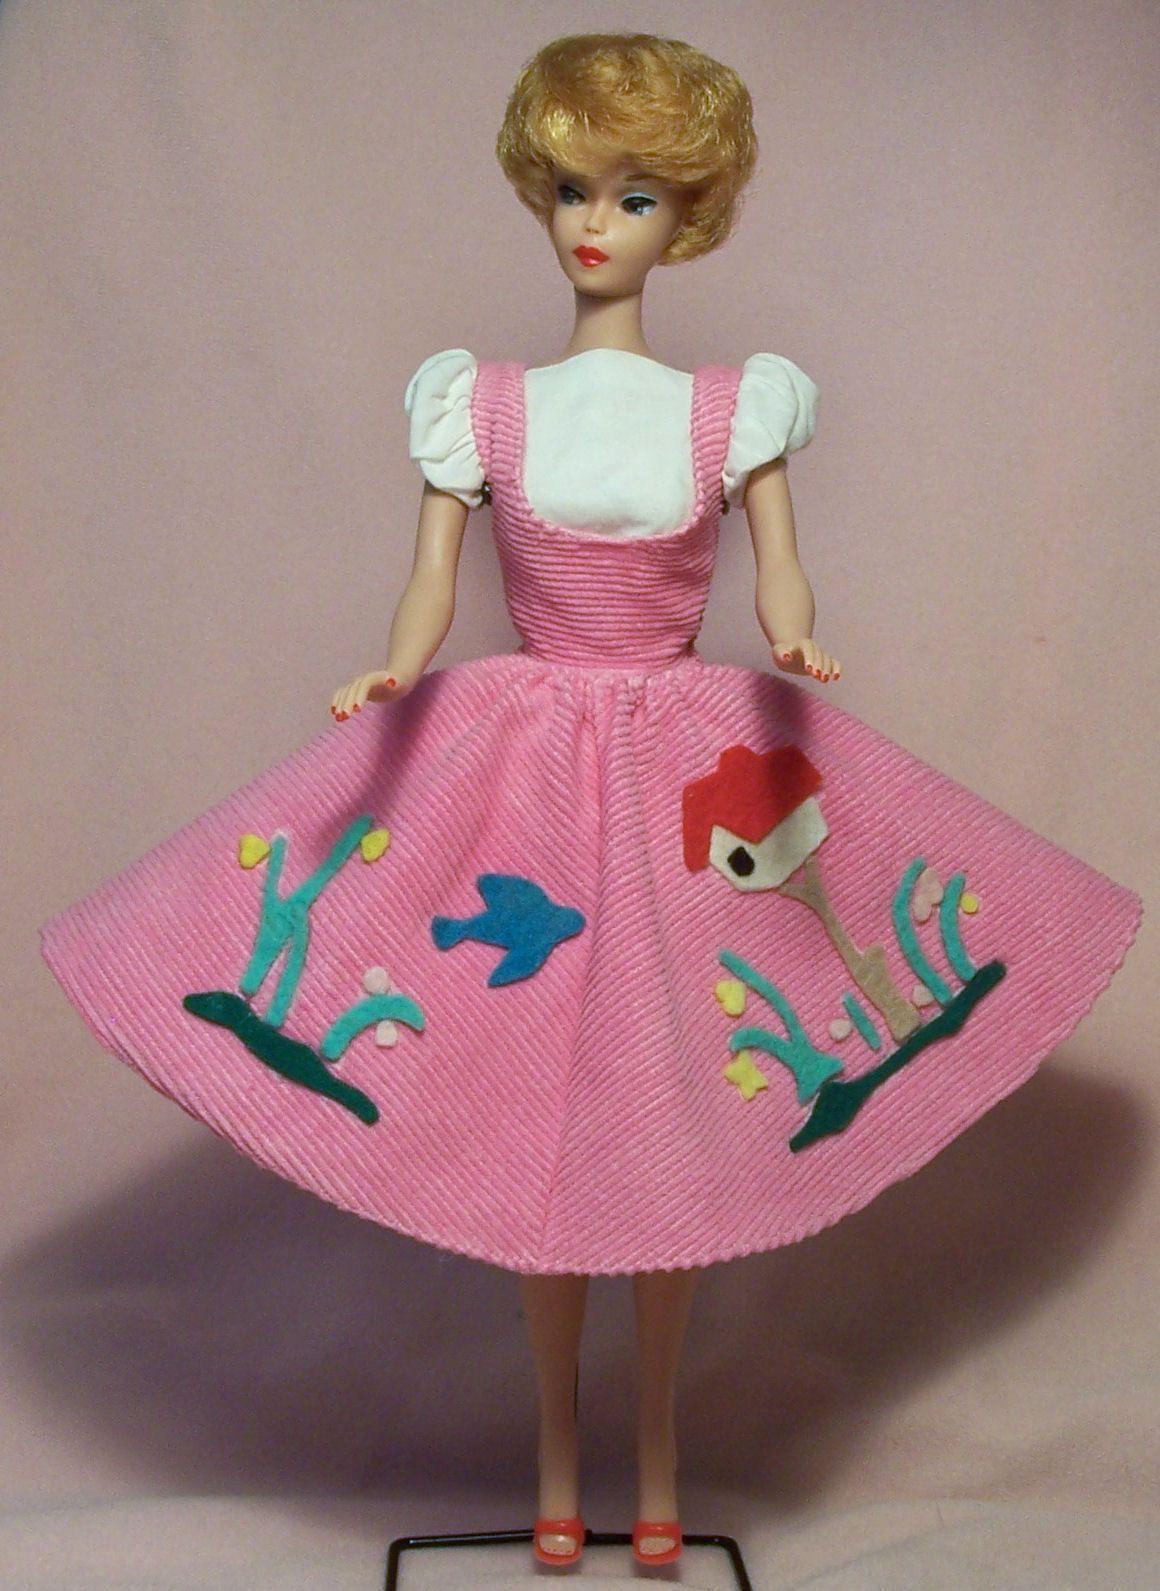 Vintage Barbie Ooak Friday Nite Date Jumper In Barbie Pink Vhtf Tm Version Ebay Vintage Barbie Vintage Barbie Clothes Barbie